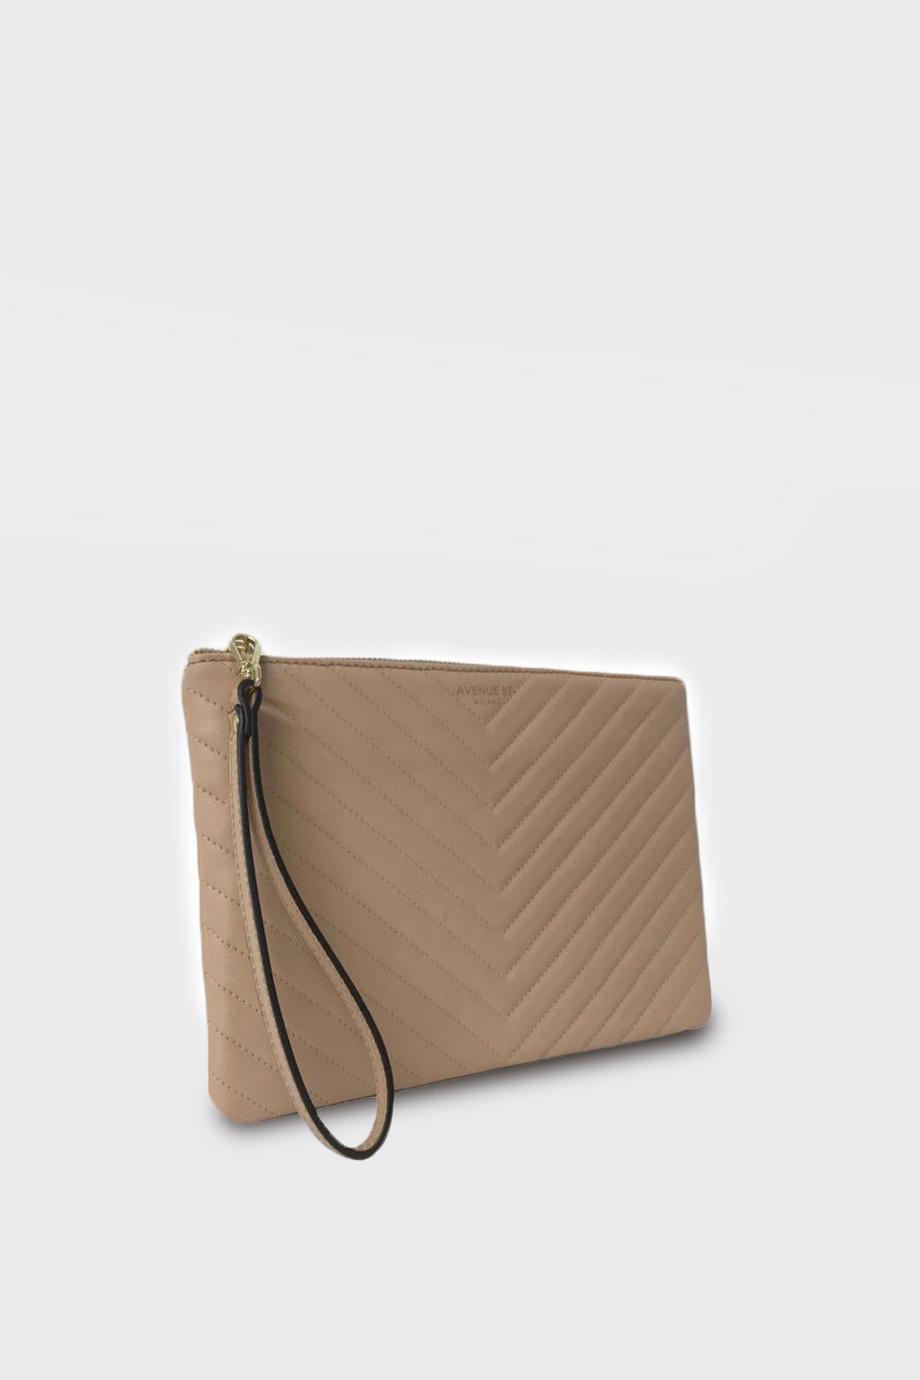 mini bag Tina wave cipria avenue 67